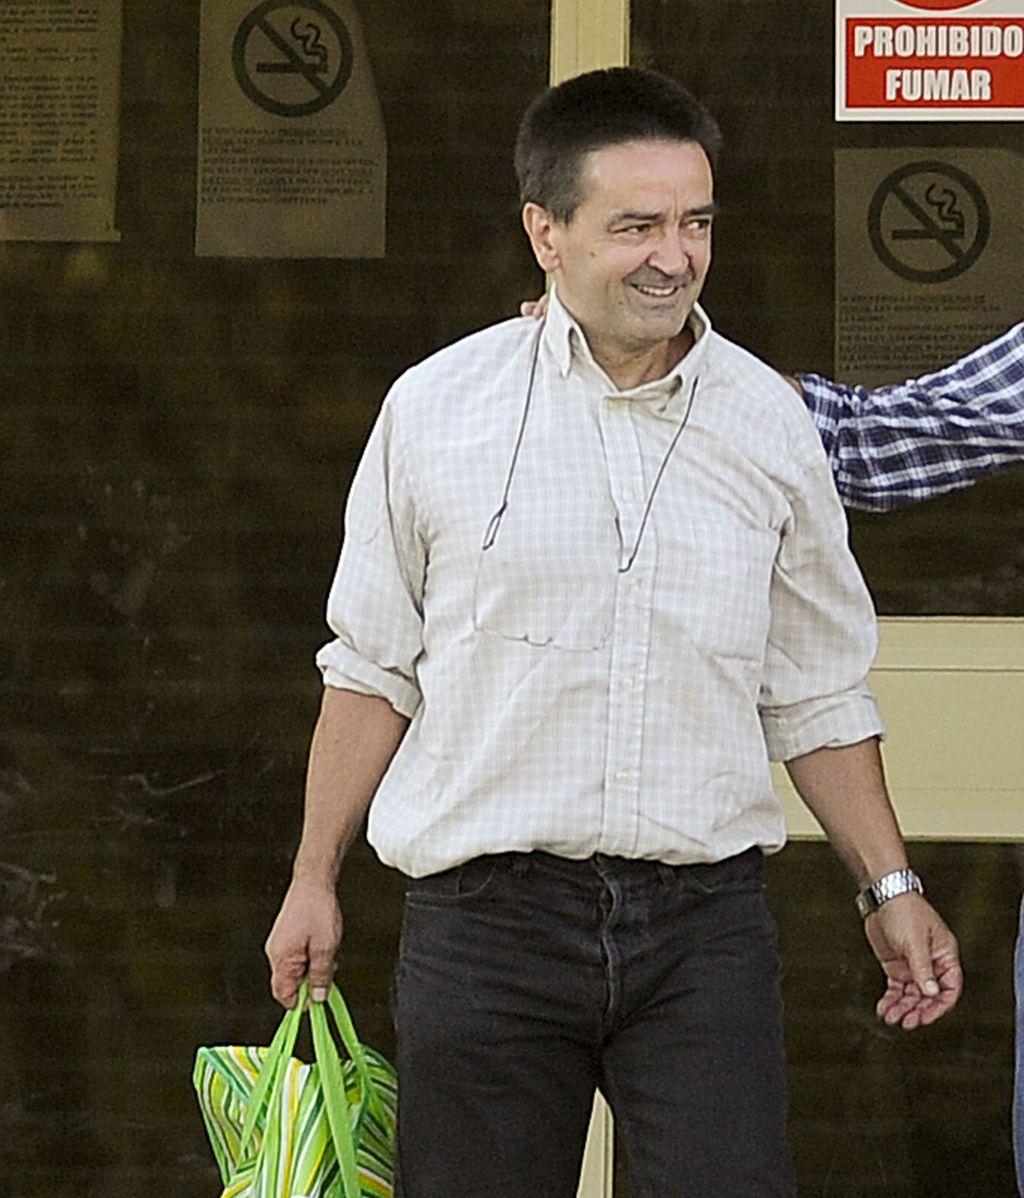 El ex dirigente de ETA 'Iñaki de Rentería' ha salido esta tarde de la cárcel de Soto del Real acompañado por dos familiares FOTO: EFE